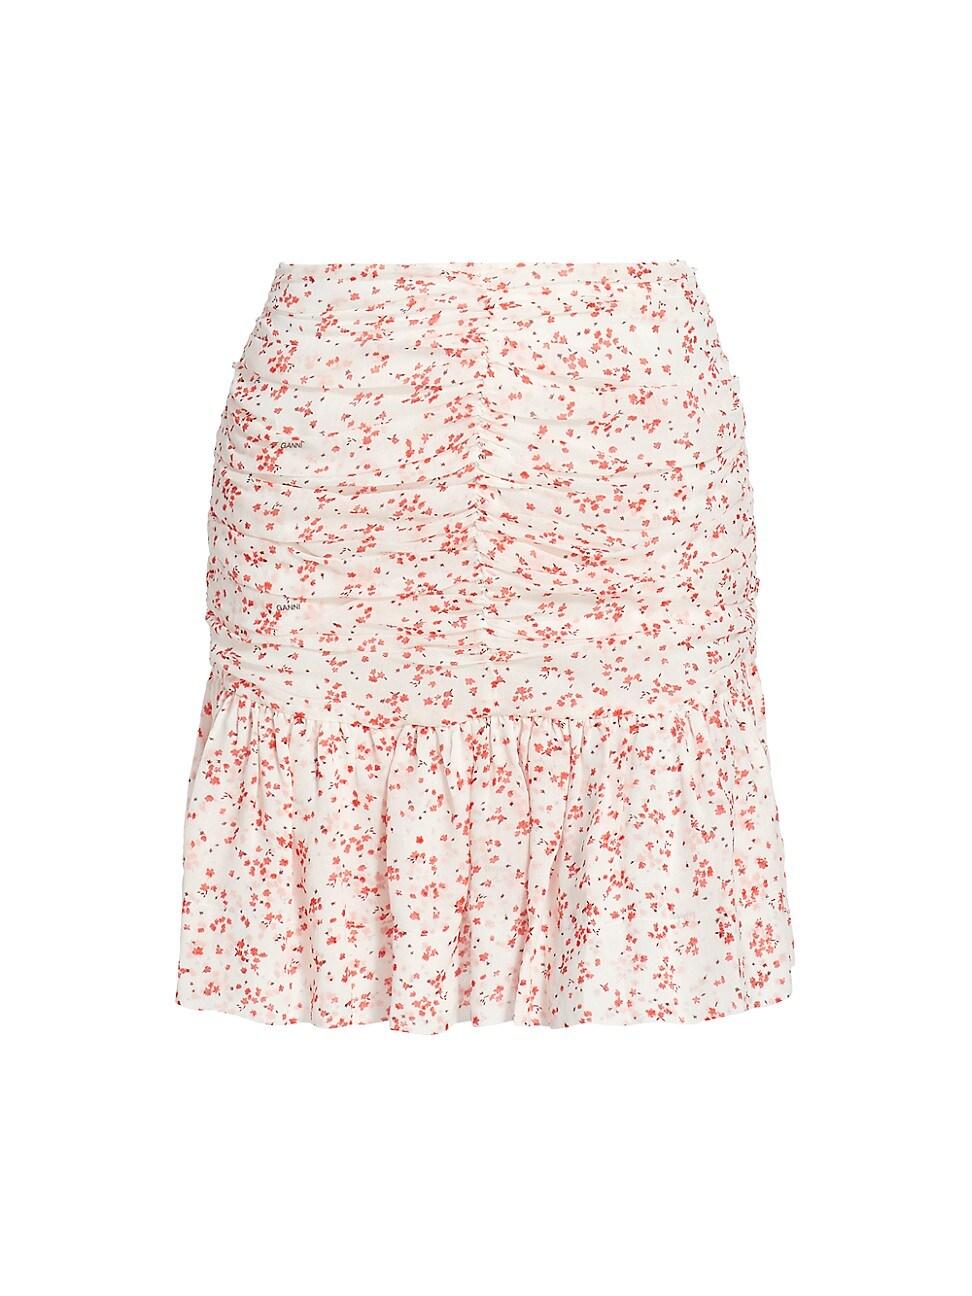 Ganni Mini skirts WOMEN'S FLORAL PRINT GEORGETTE MINI SKIRT